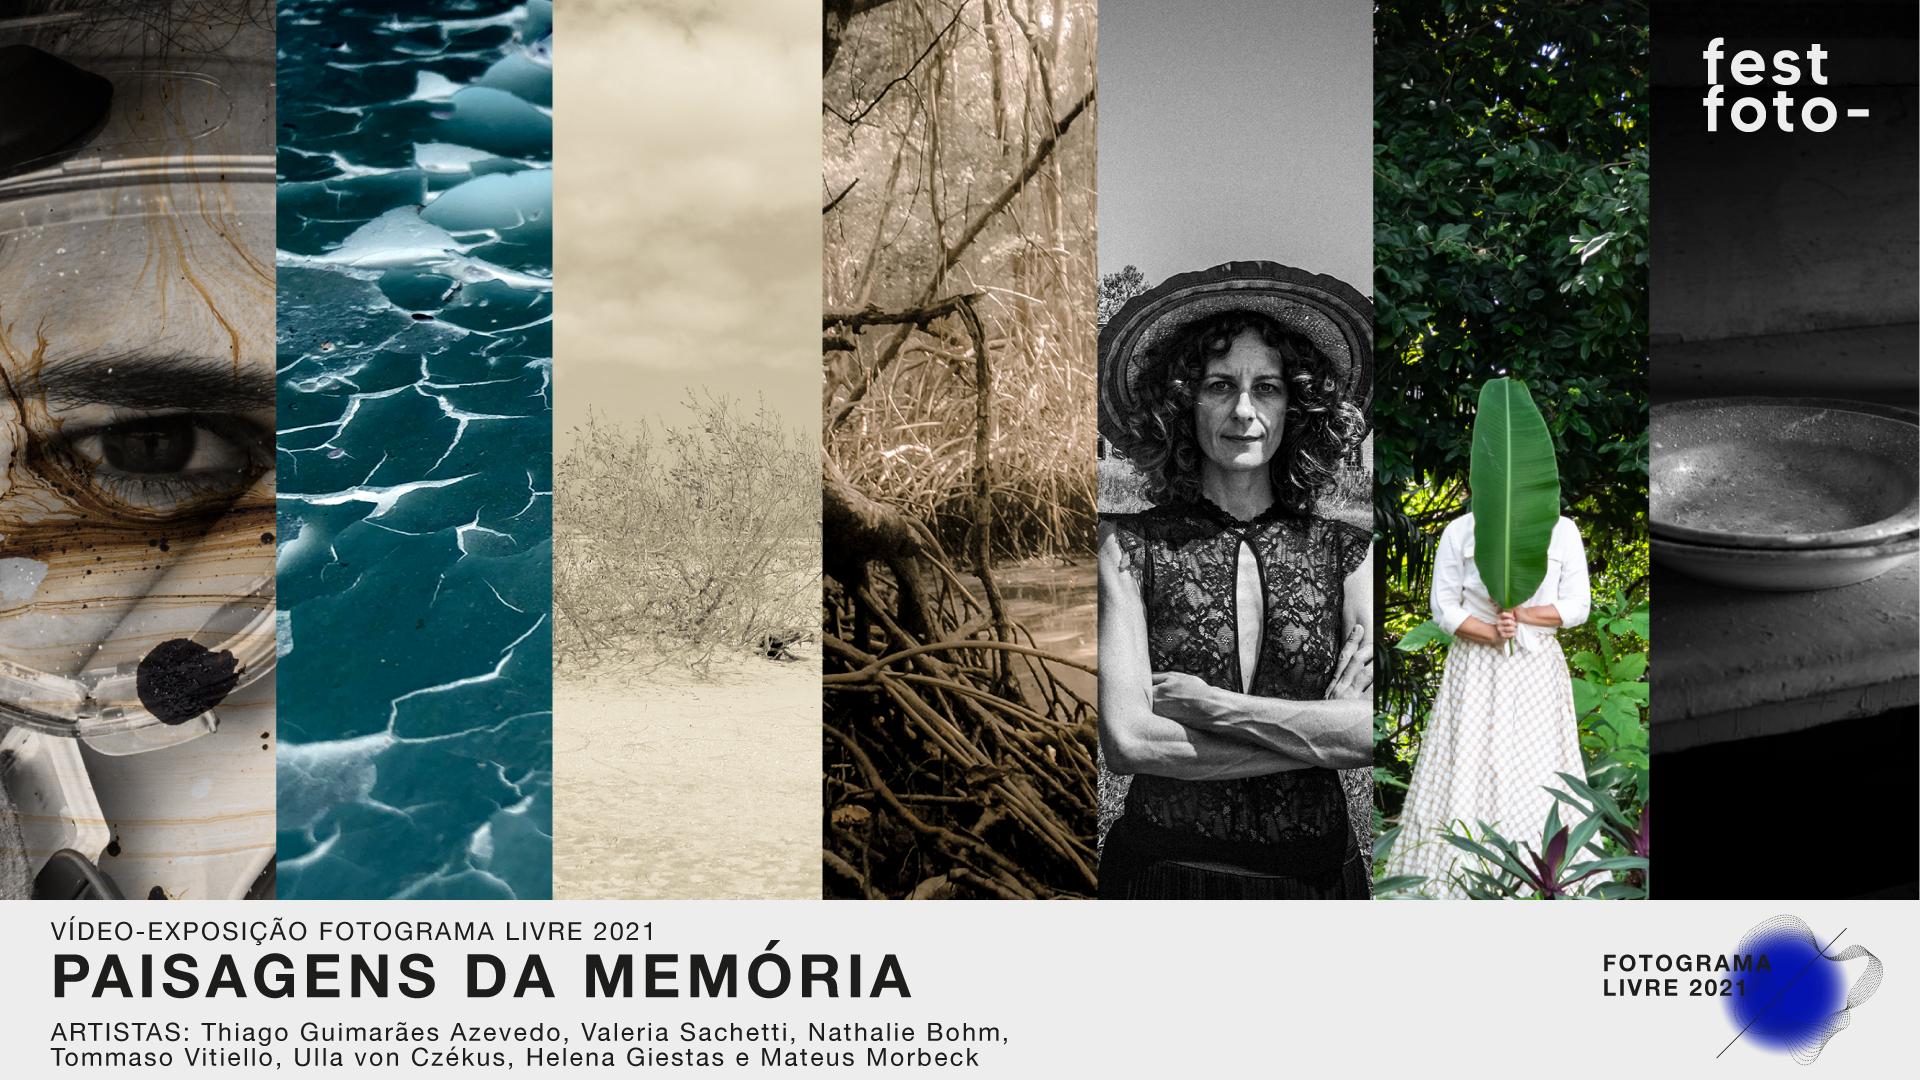 Paisagens da Memória